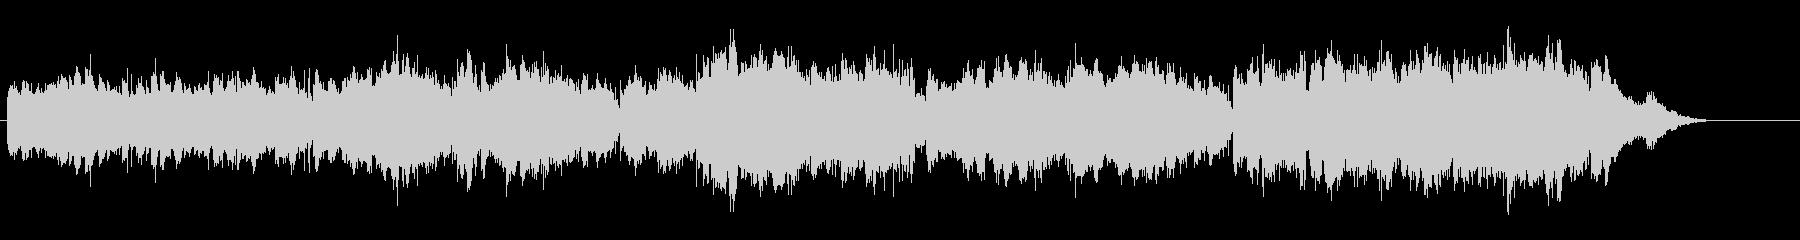 上品なボレロ風サウンドの未再生の波形